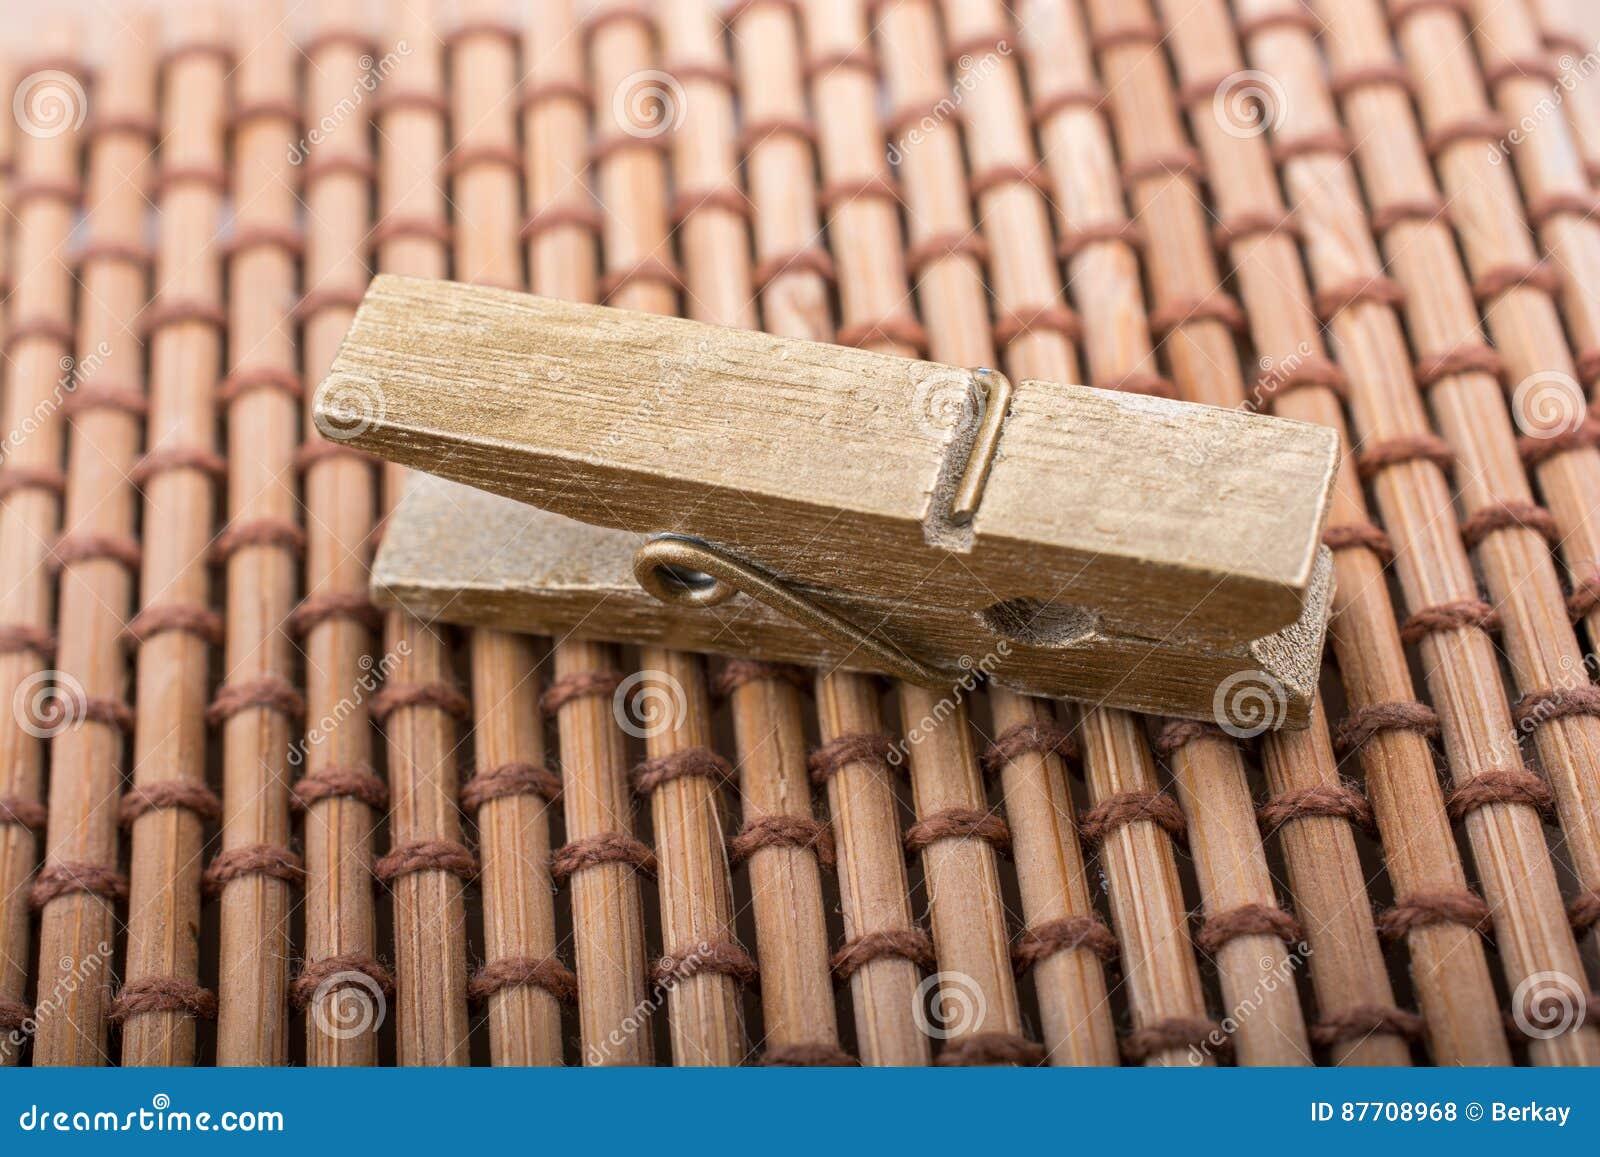 Petite pince à linge en bois sur le fond de paille